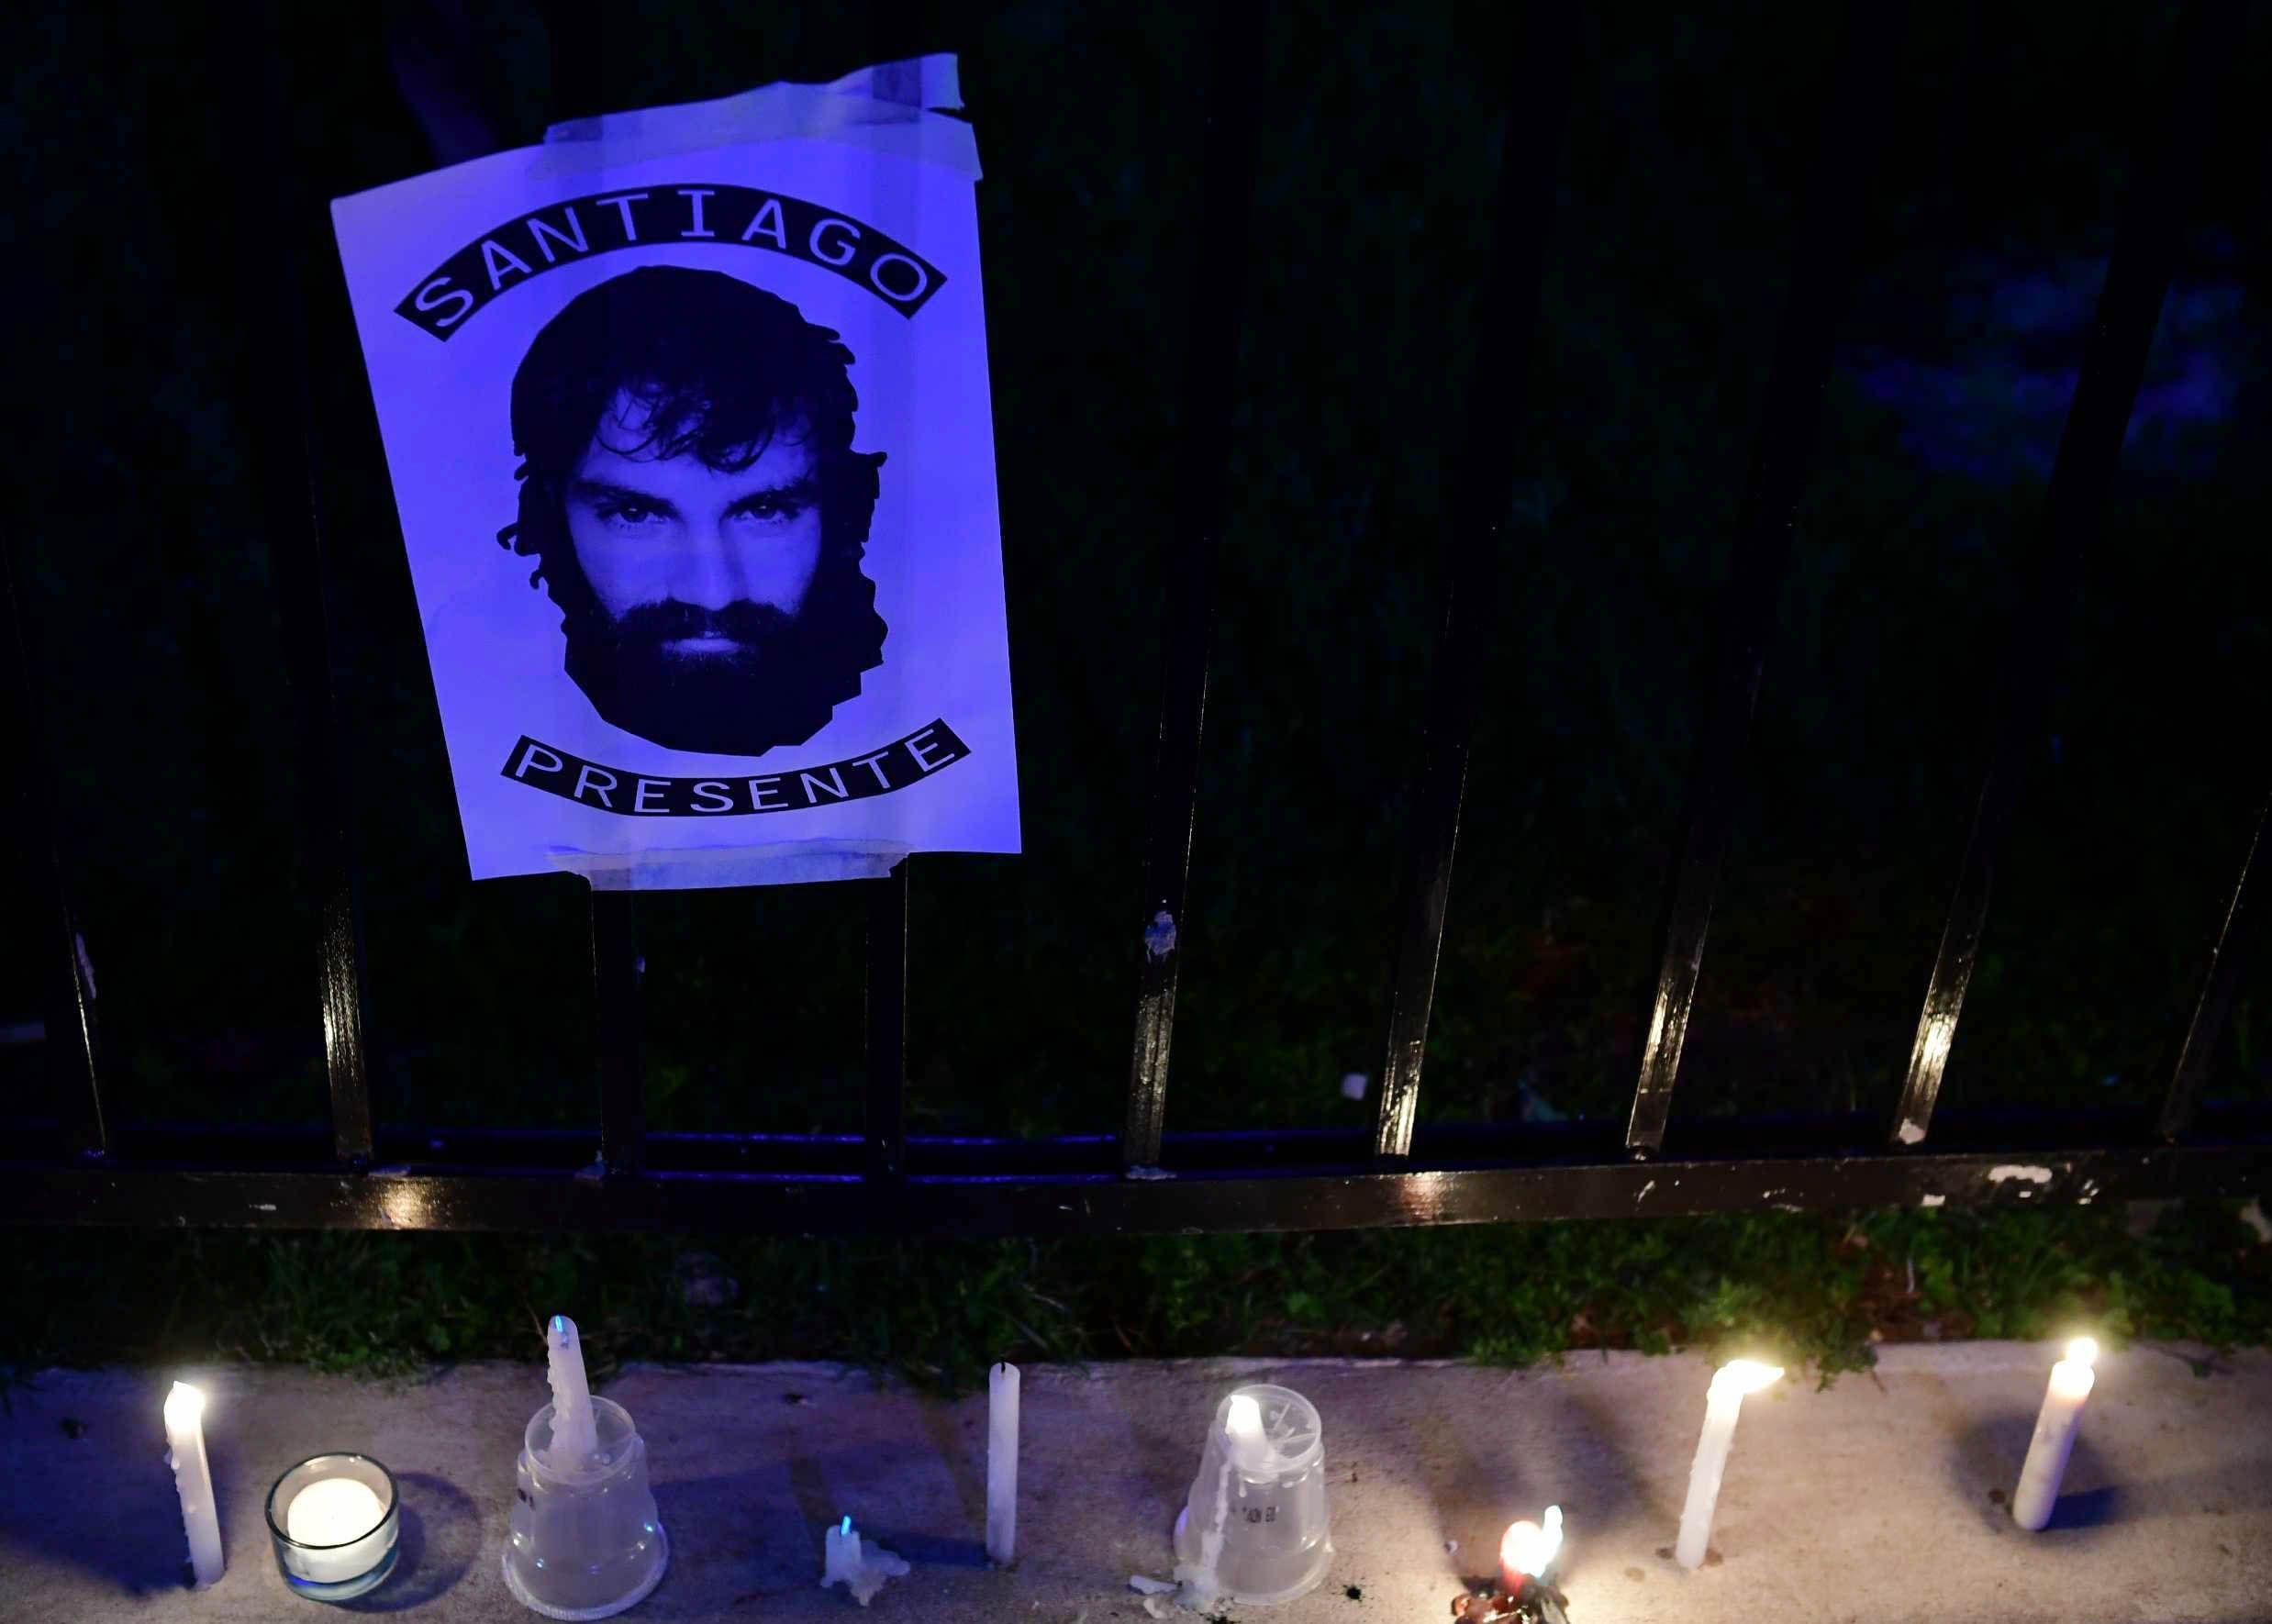 El juez confirmó que no hay lesiones y que en dos semanas se sabrá cómo murió Santiago